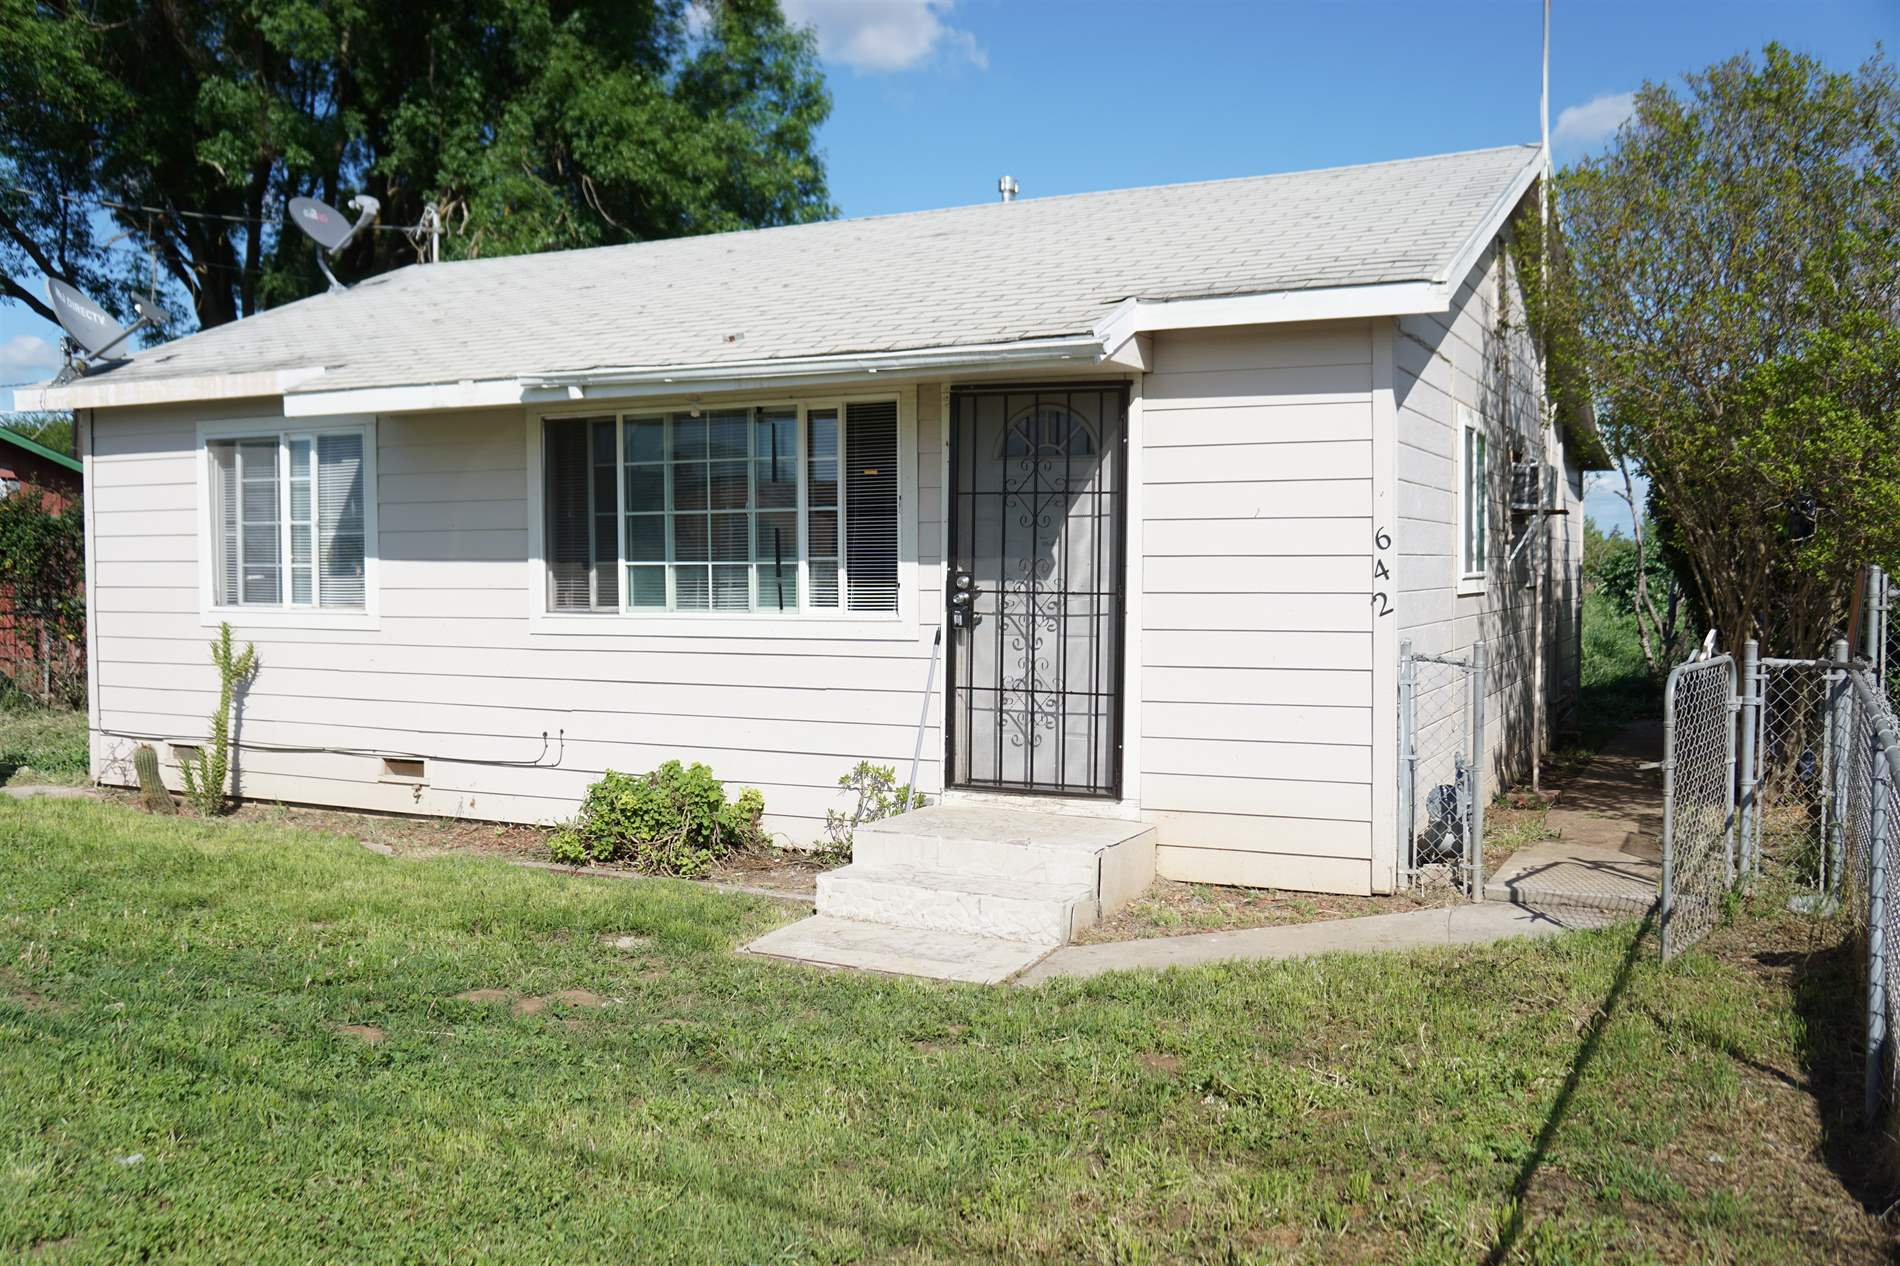 642 Moomjean Ave, Merced, CA 95340